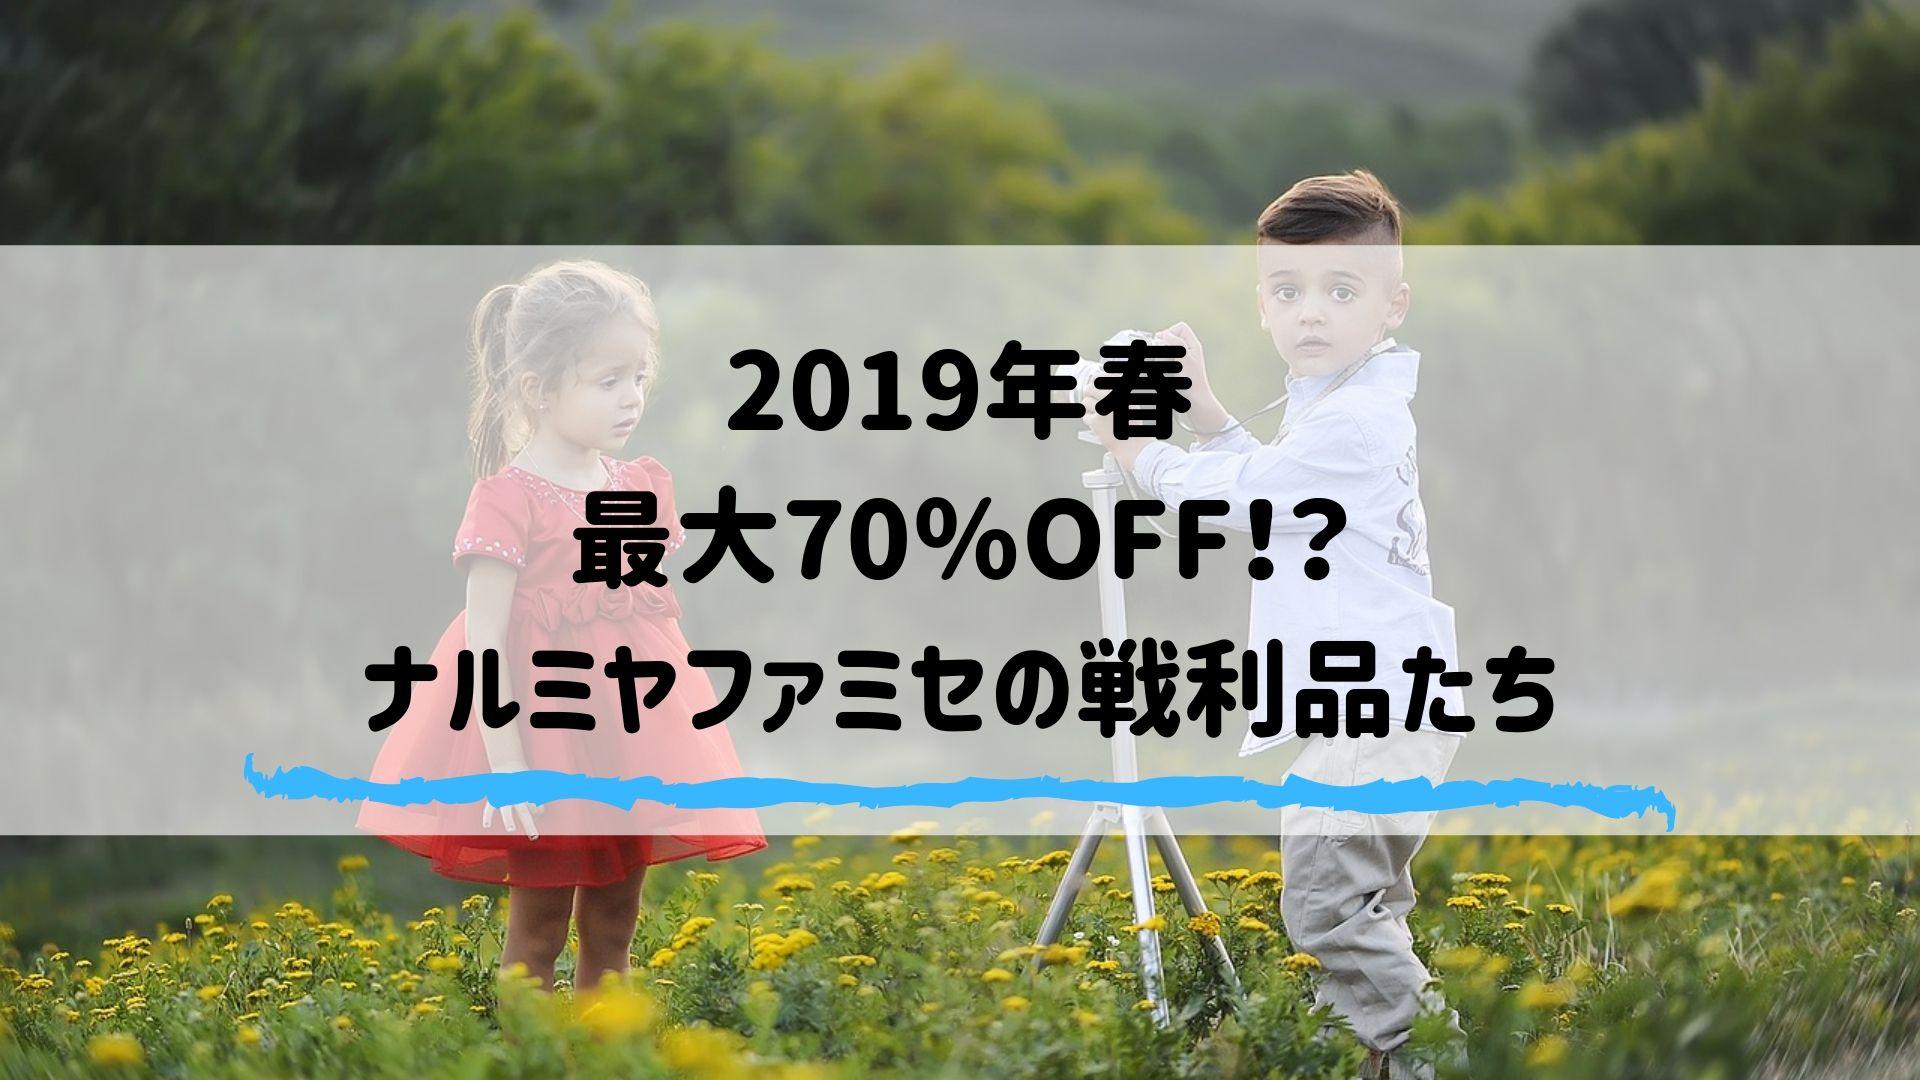 2019年春 最大70%OFF!? ナルミヤファミセの戦利品たち